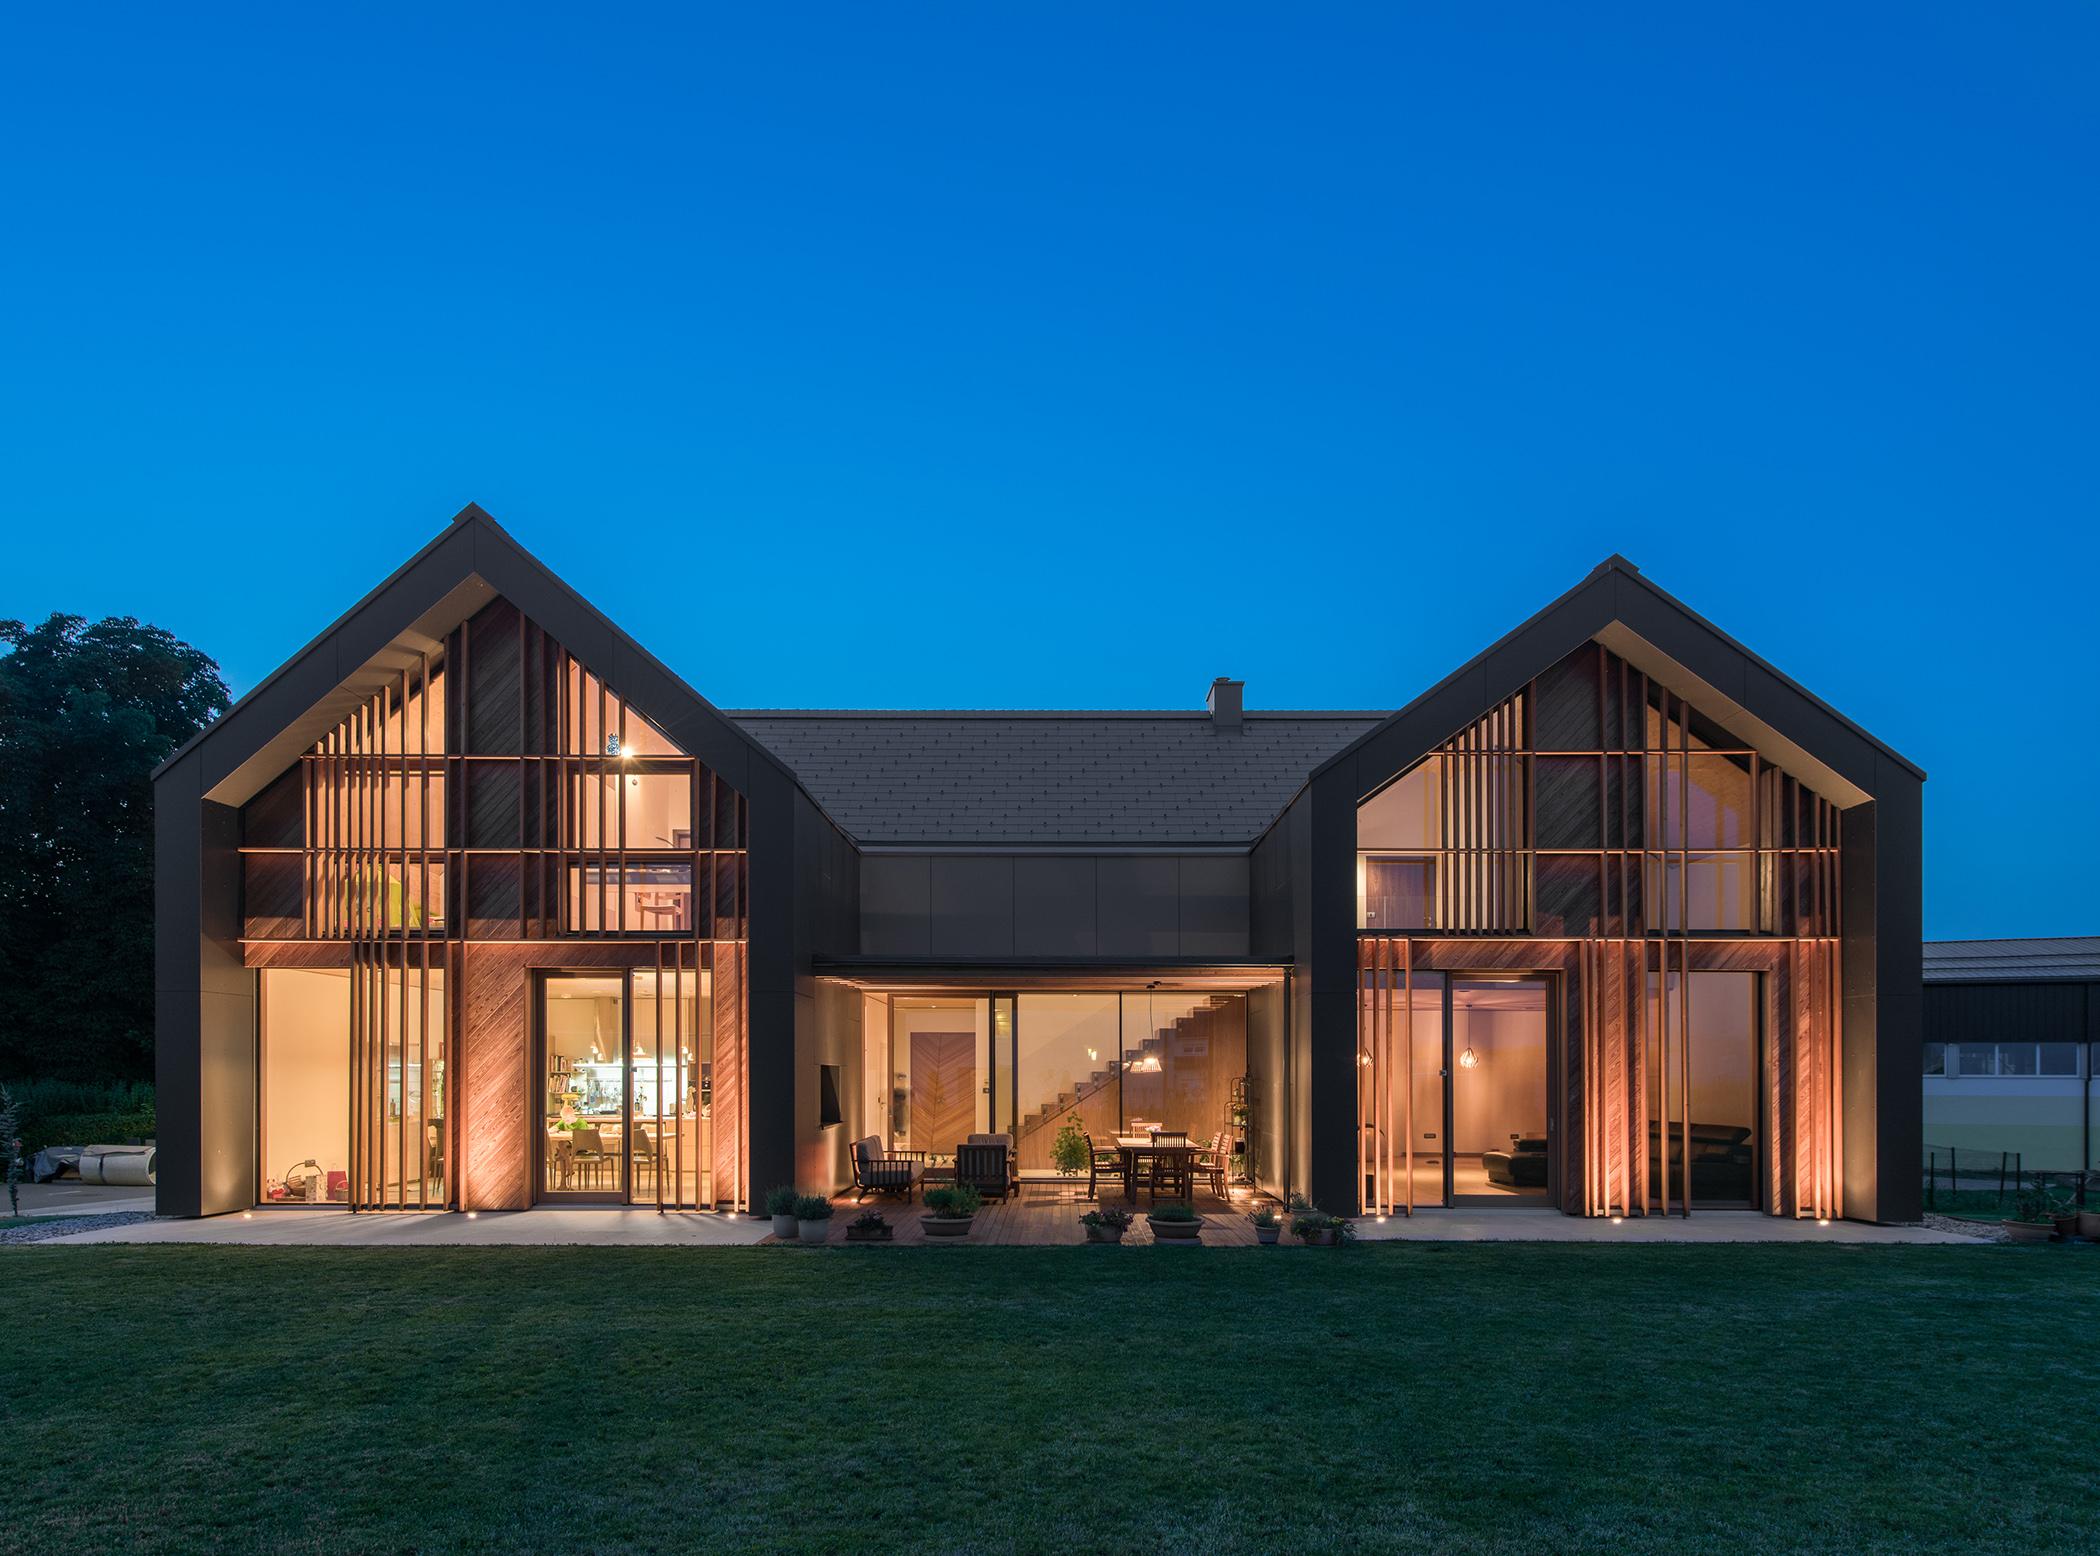 16_House XL_Arhitektura SoNo_Inspirationist